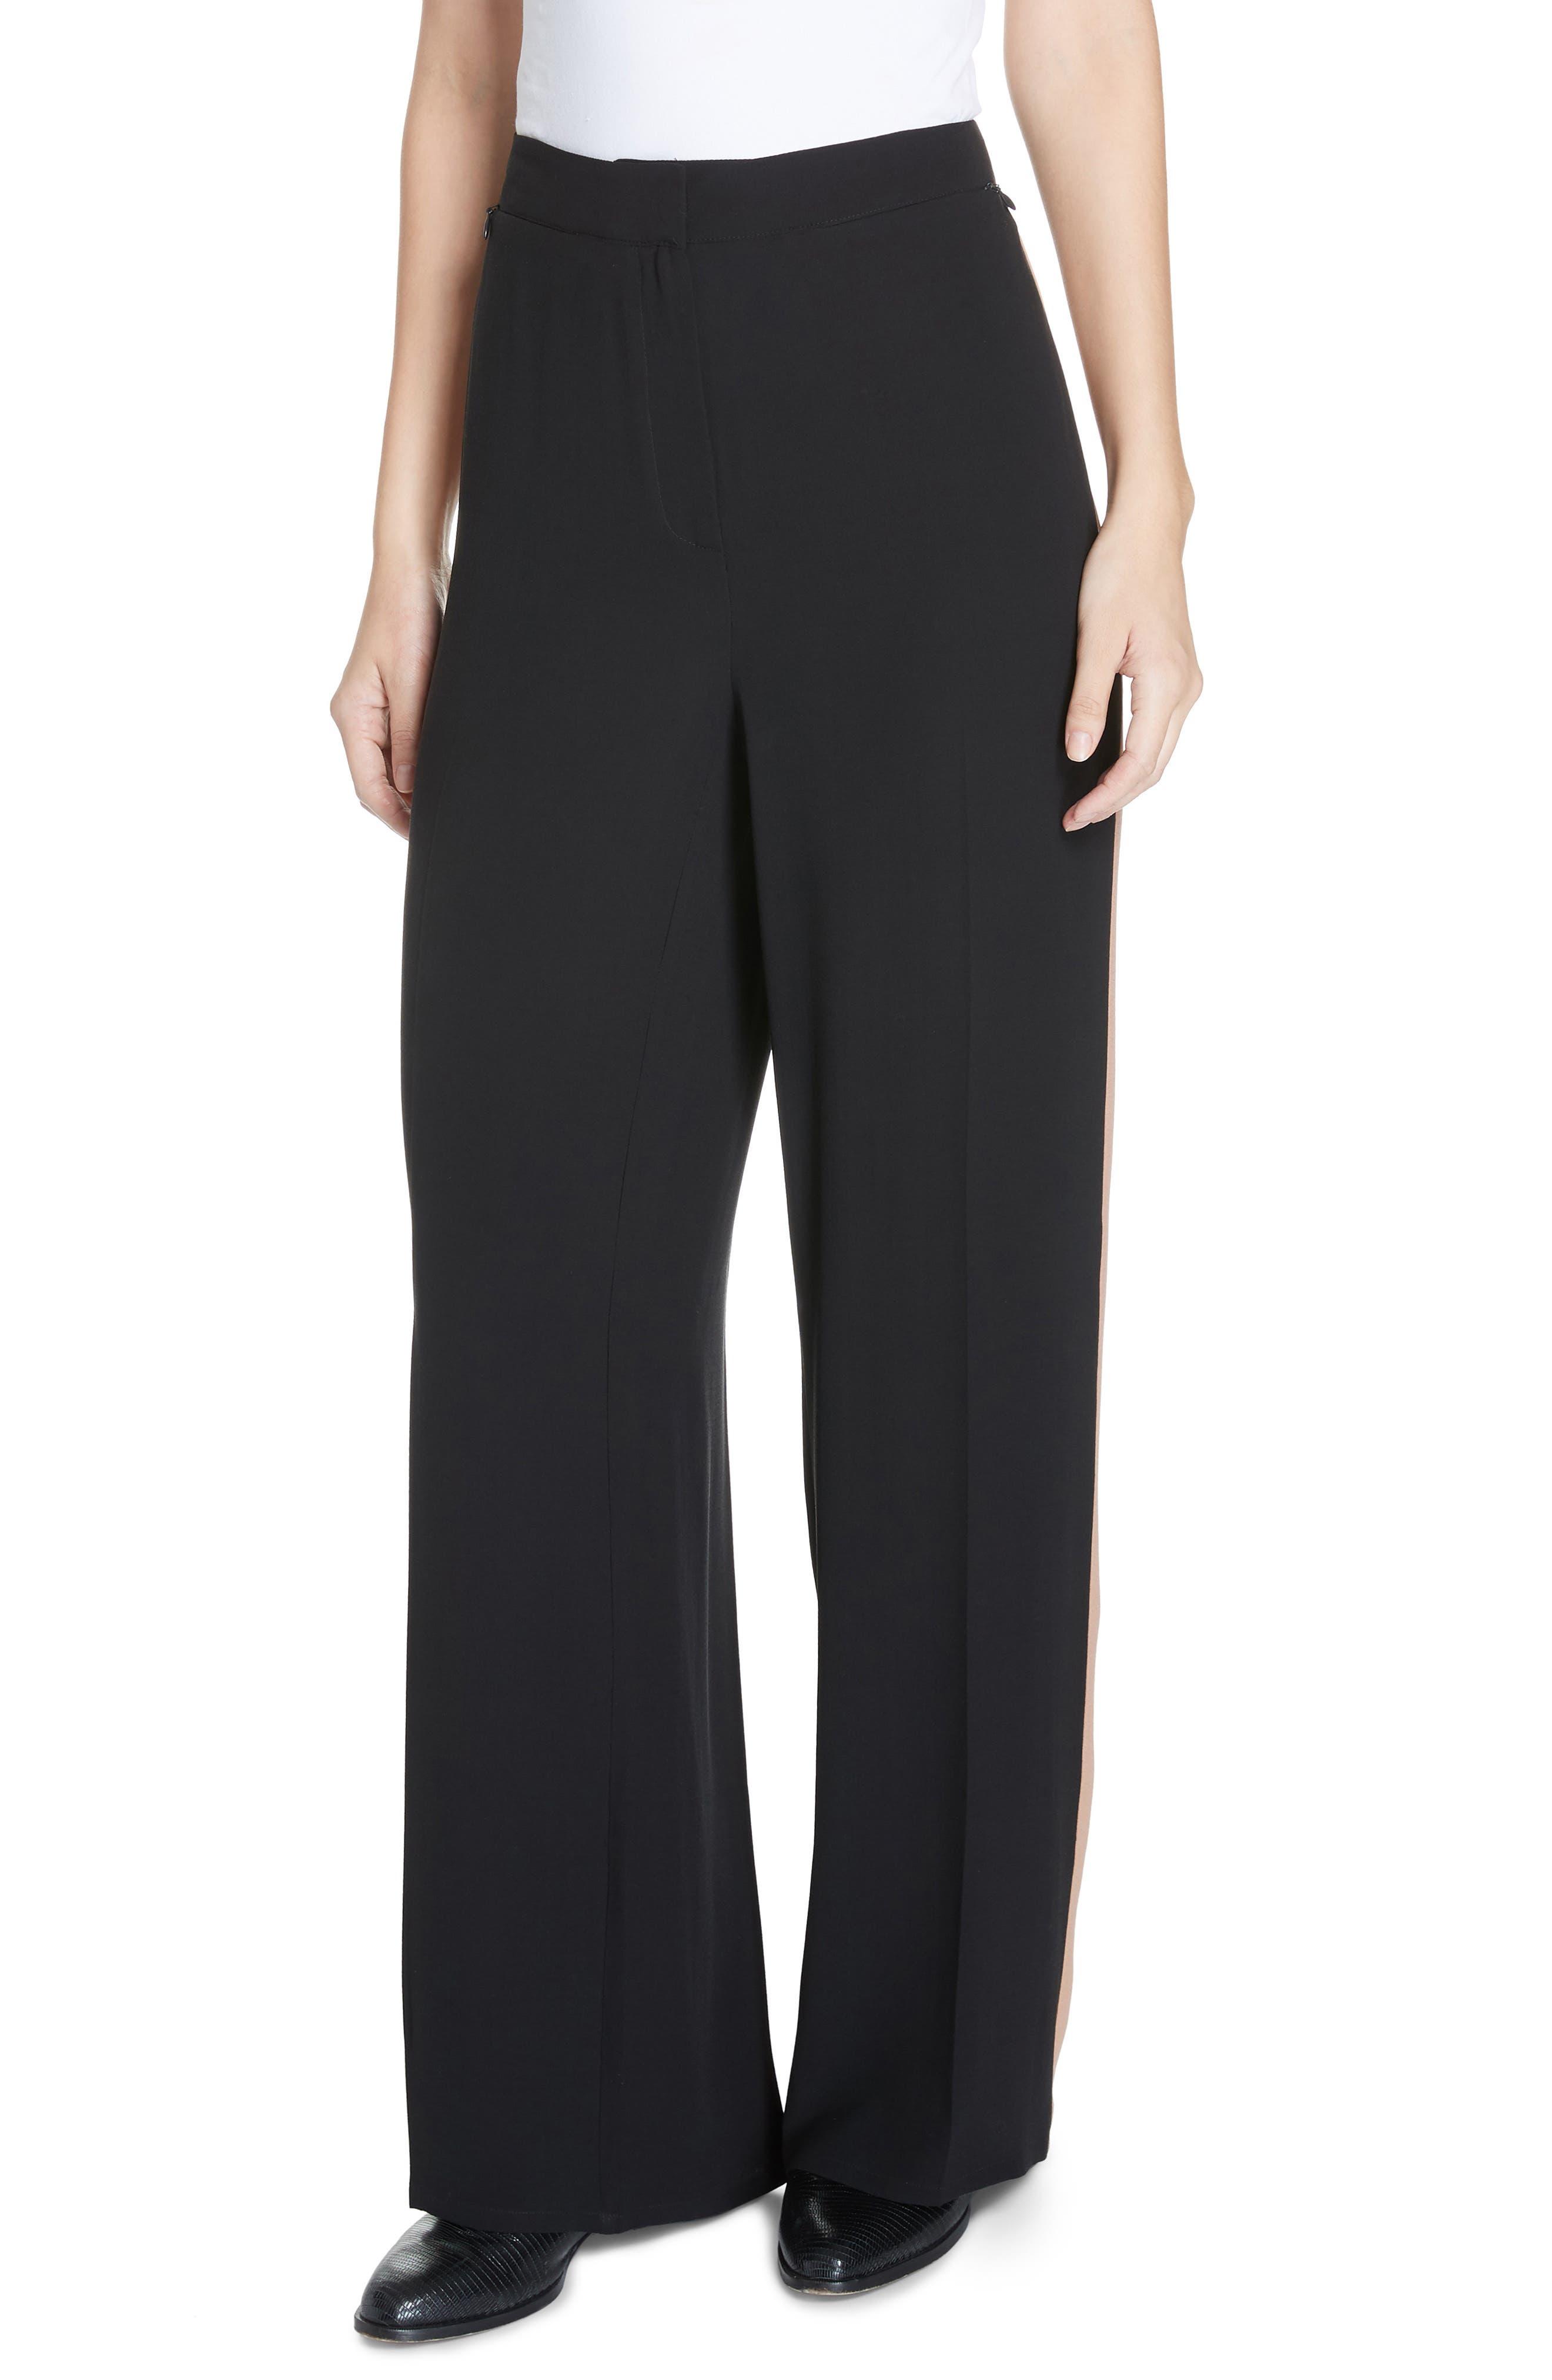 Petite Women's Eileen Fisher High Waist Side Stripe Silk Crepe Pants